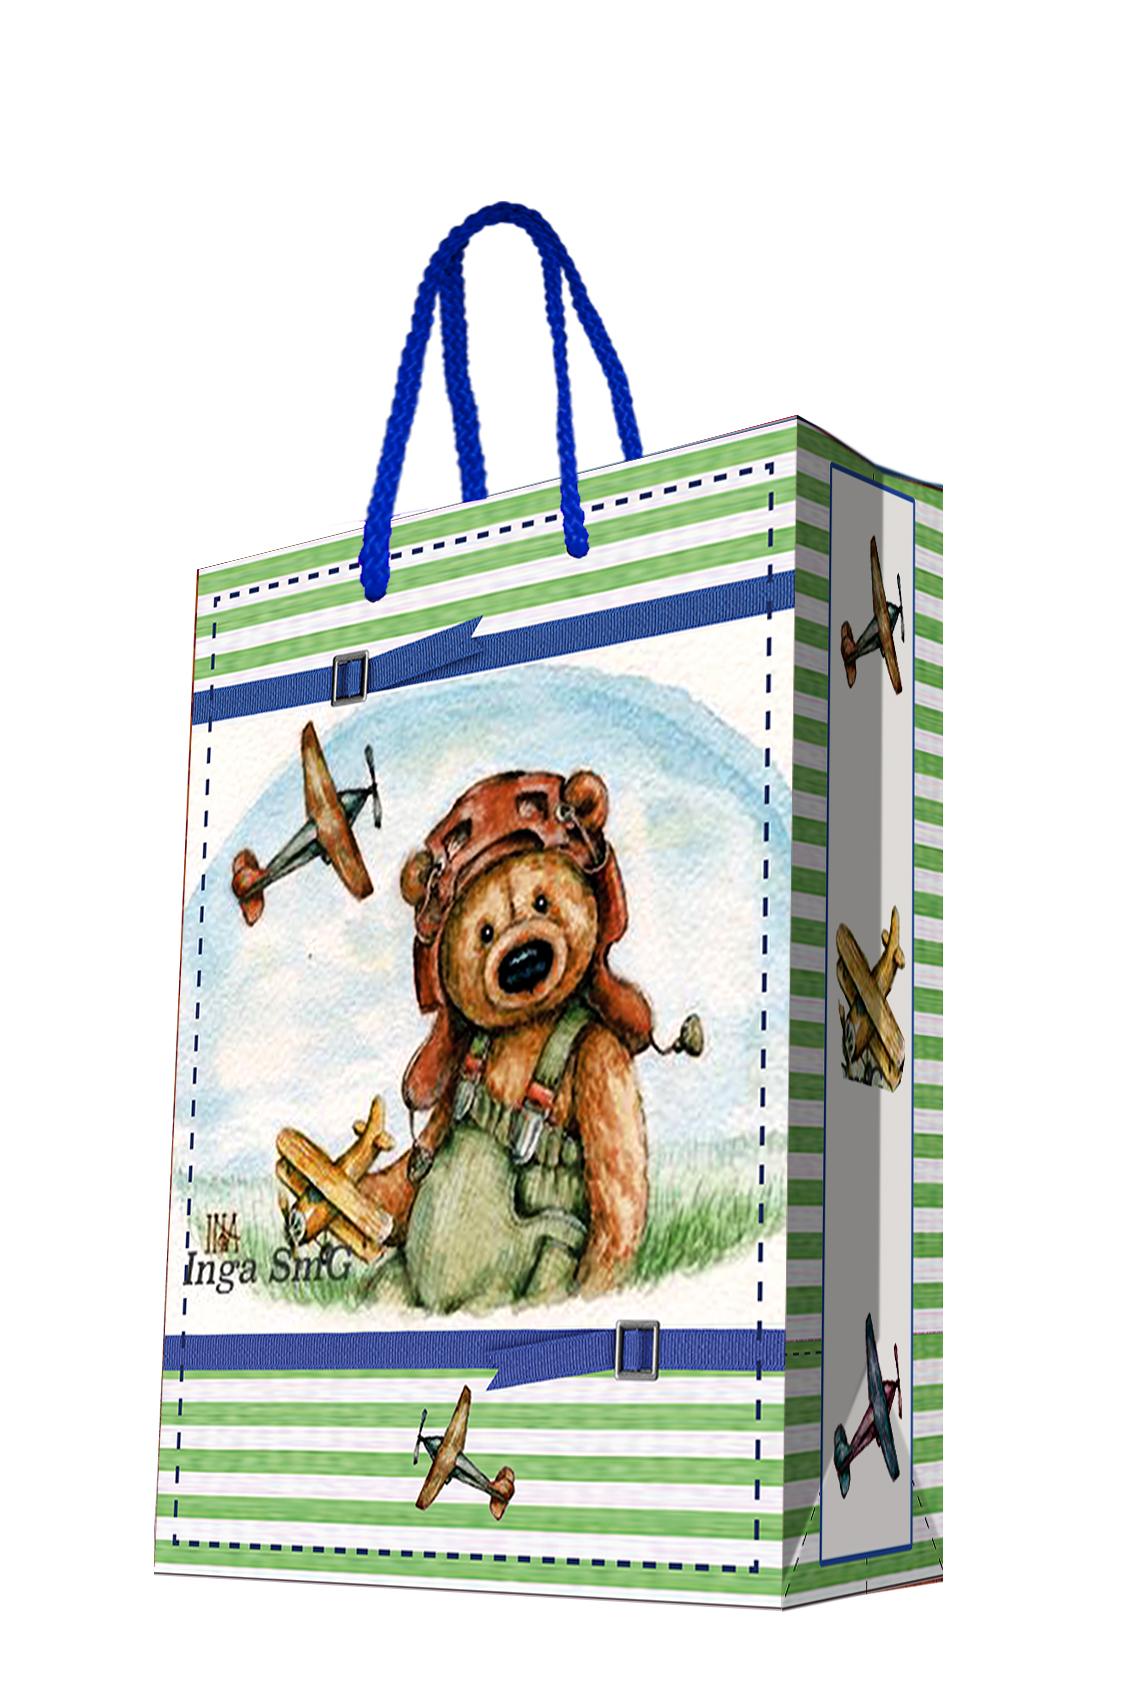 Пакет подарочный Magic Home Мишка-летчик, 26 х 32,4 х 12,7 смNLED-454-9W-BKПодарочный пакет Magic Home, изготовленный из плотной бумаги, станет незаменимым дополнением к выбранному подарку. Дно изделия укреплено картоном, который позволяет сохранить форму пакета и исключает возможность деформации дна под тяжестью подарка. Пакет выполнен с глянцевой ламинацией, что придает ему прочность, а изображению - яркость и насыщенность цветов. Для удобной переноски имеются две ручки в виде шнурков.Подарок, преподнесенный в оригинальной упаковке, всегда будет самым эффектным и запоминающимся. Окружите близких людей вниманием и заботой, вручив презент в нарядном, праздничном оформлении.Плотность бумаги: 140 г/м2.